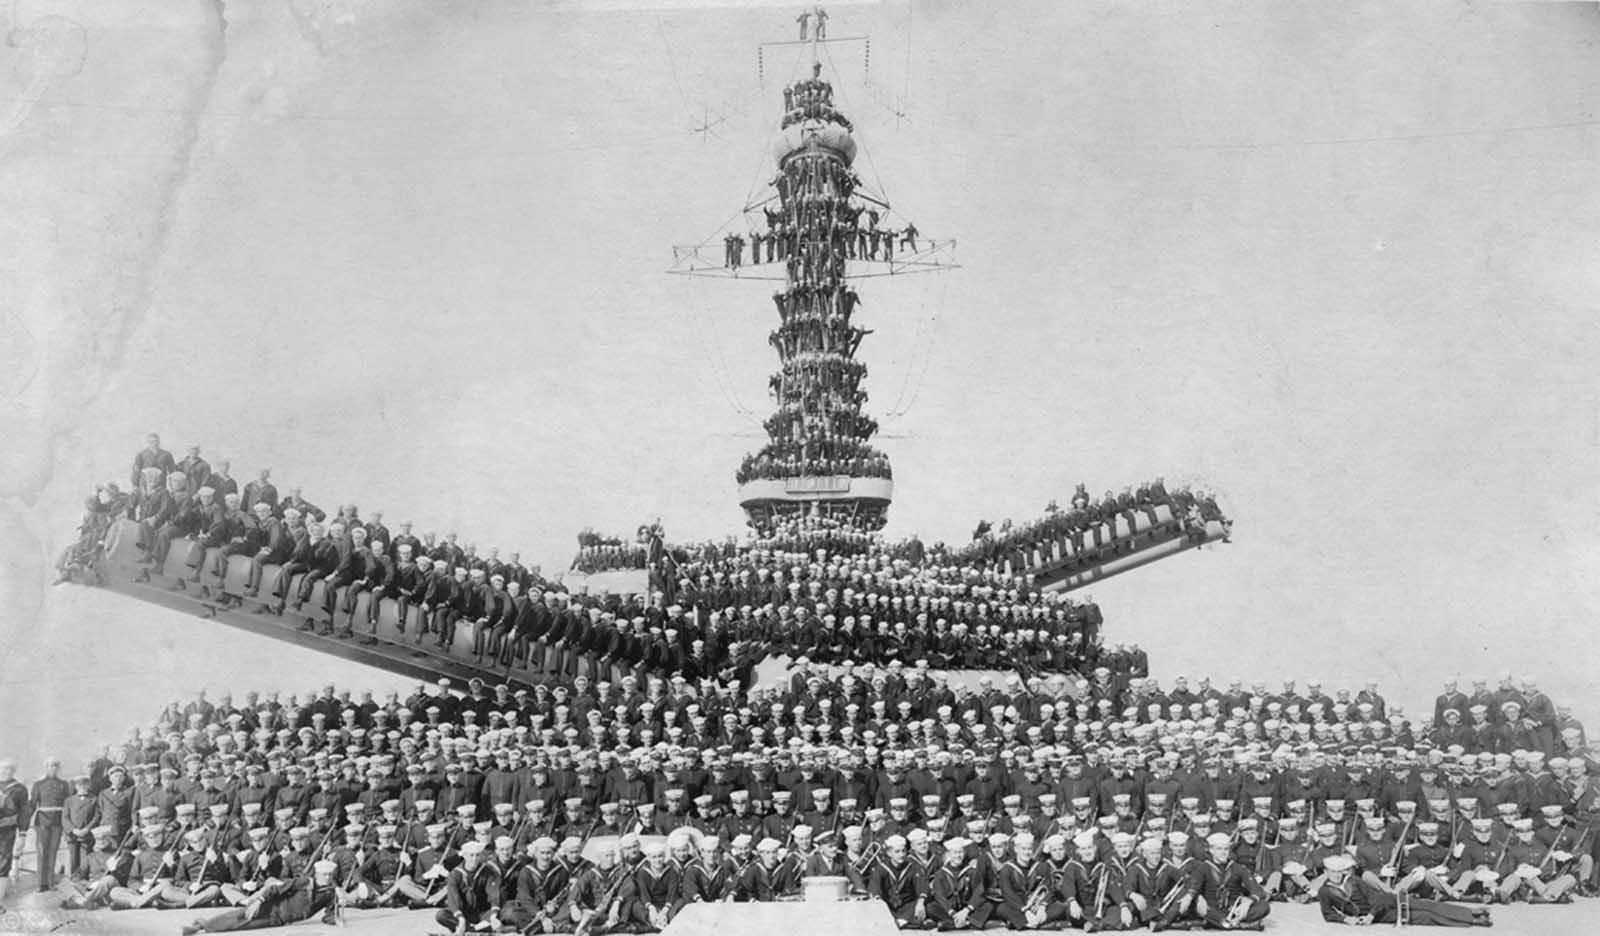 Infantes de marina y marineros de los Estados Unidos posando en un barco no identificado (probablemente el USS Pennsylvania o el USS Arizona), en 1918.